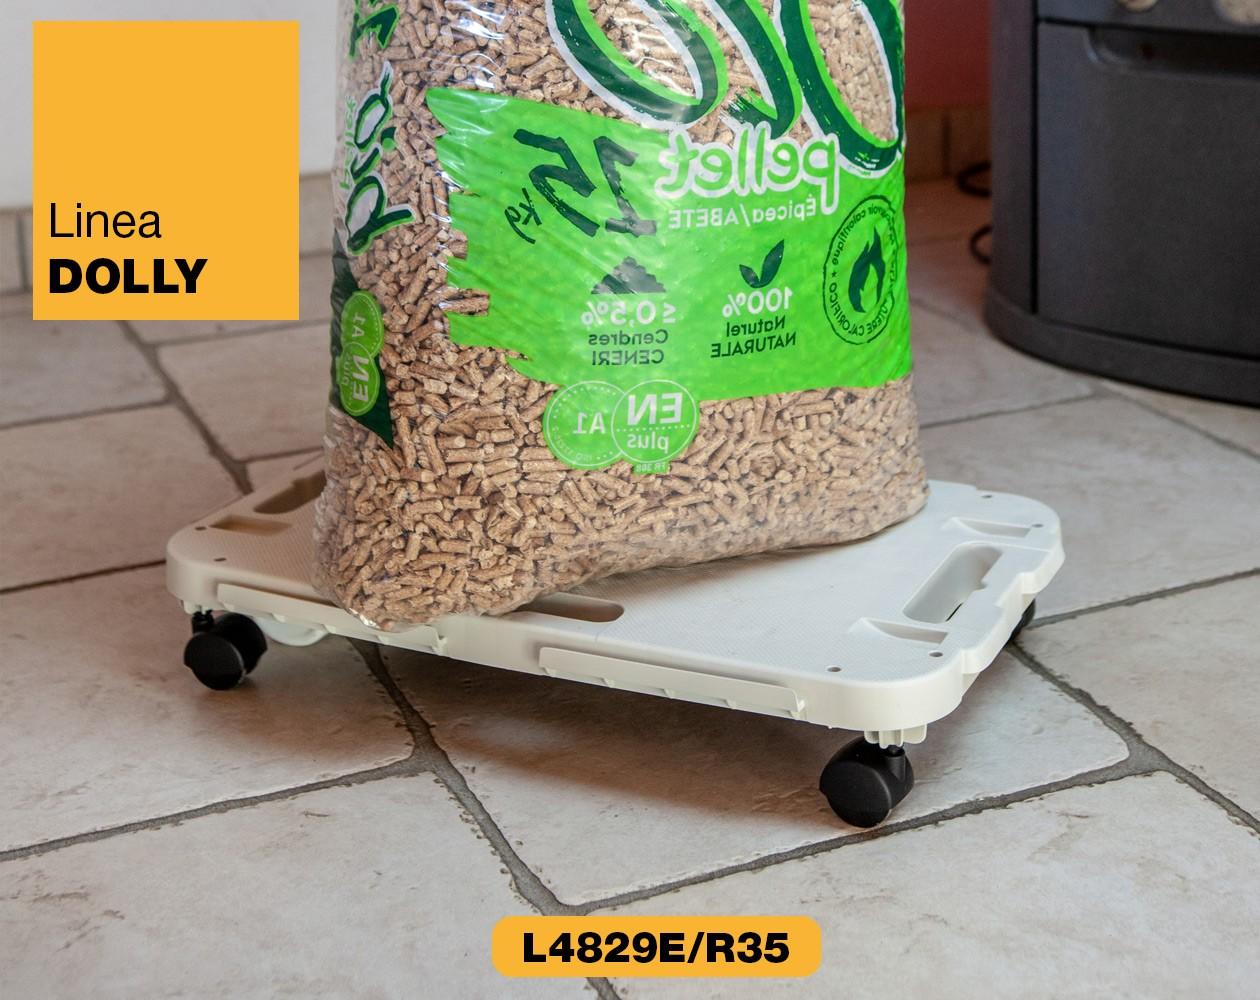 Carrello piattaforma con ruote Linea Dolly Art Plast L4829E-R35_2